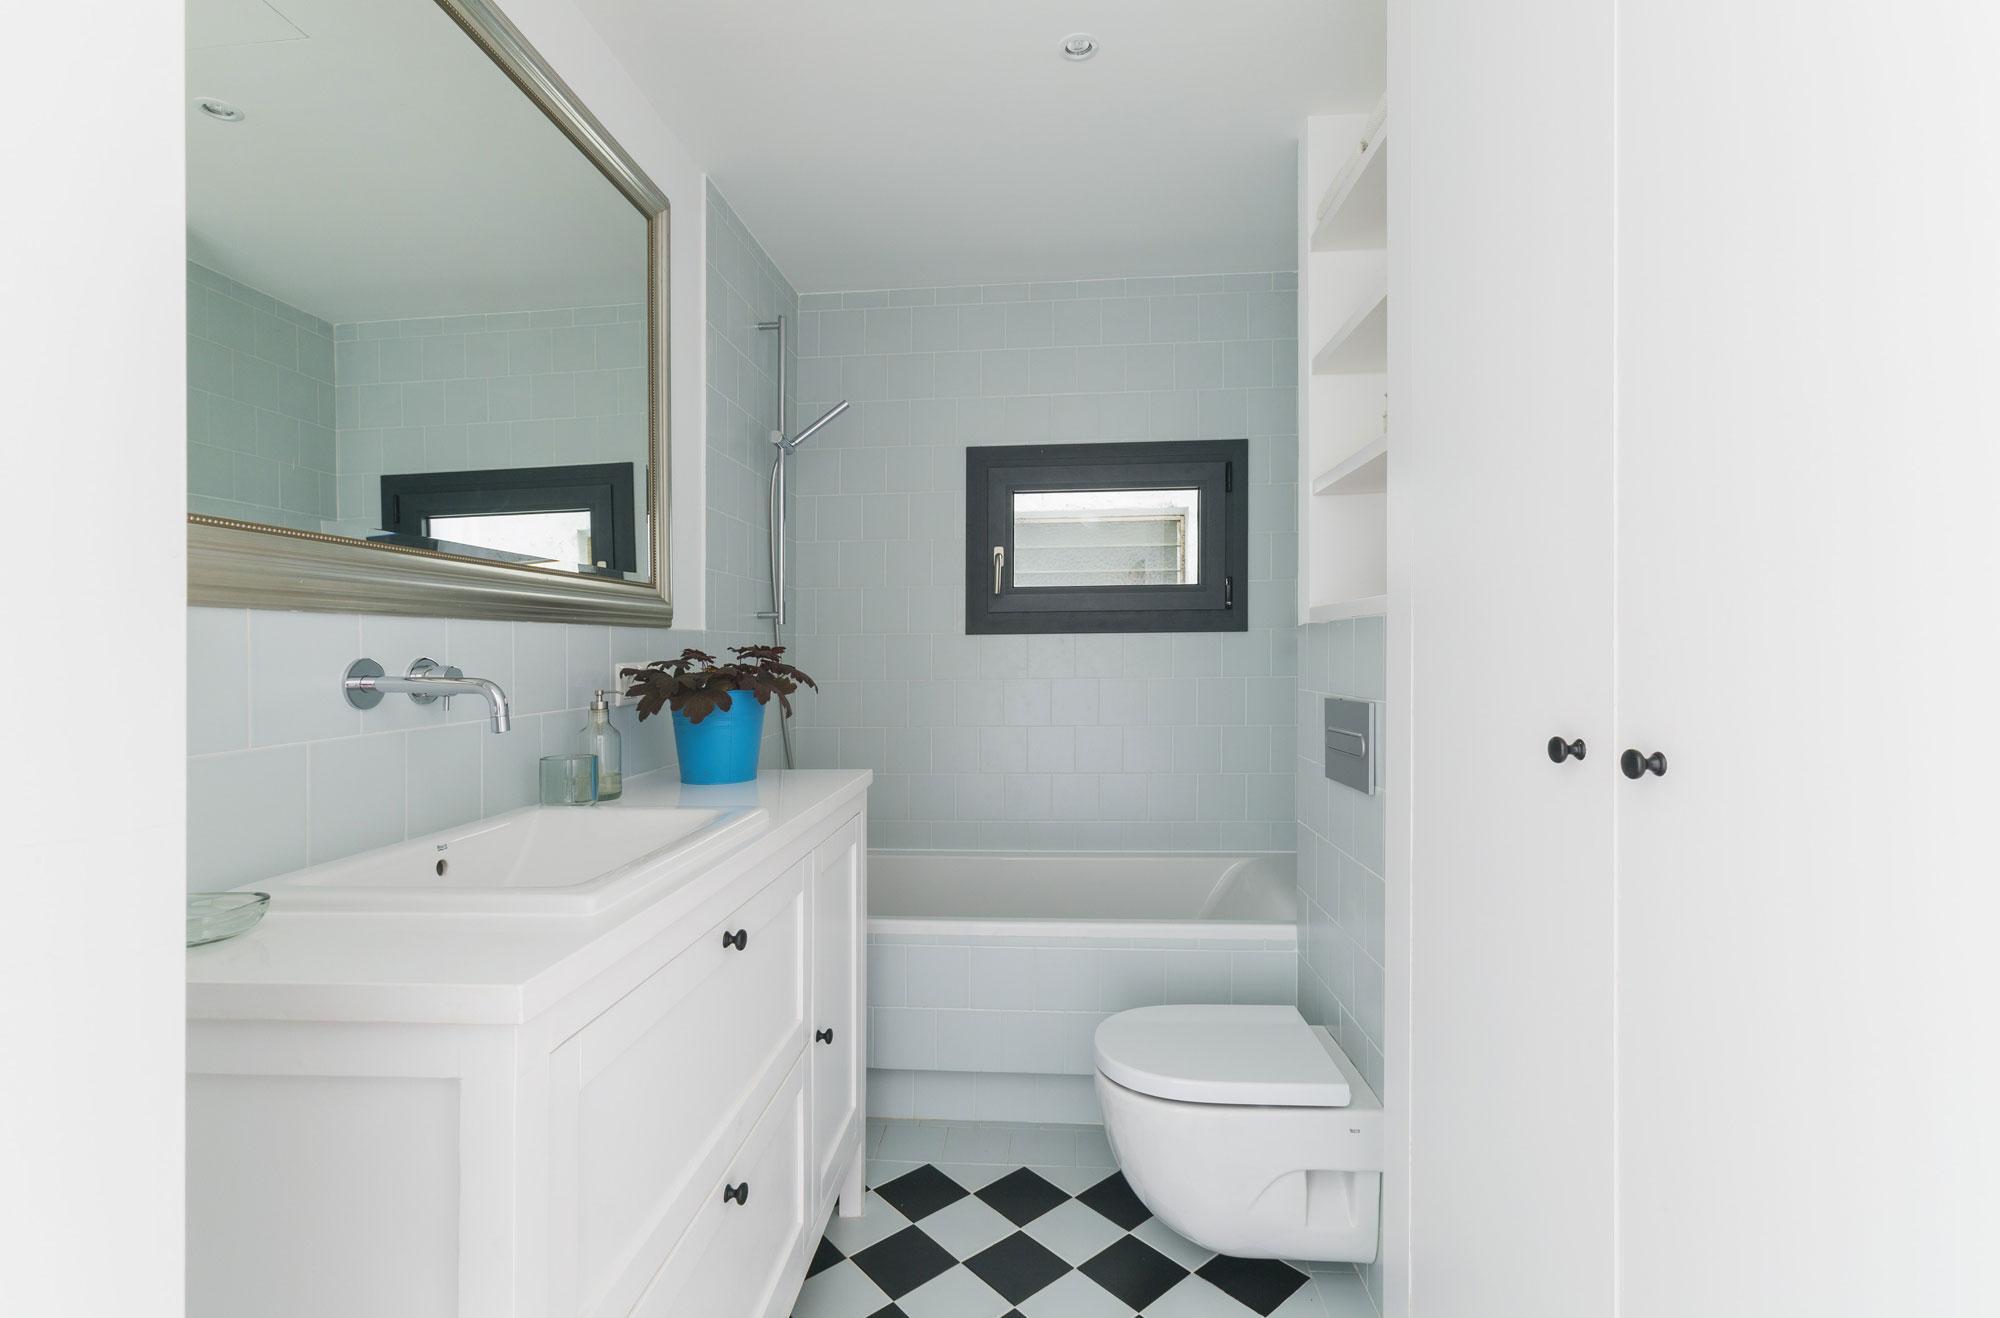 Белый, черный и голубой цвета в дизайне ванной комнаты